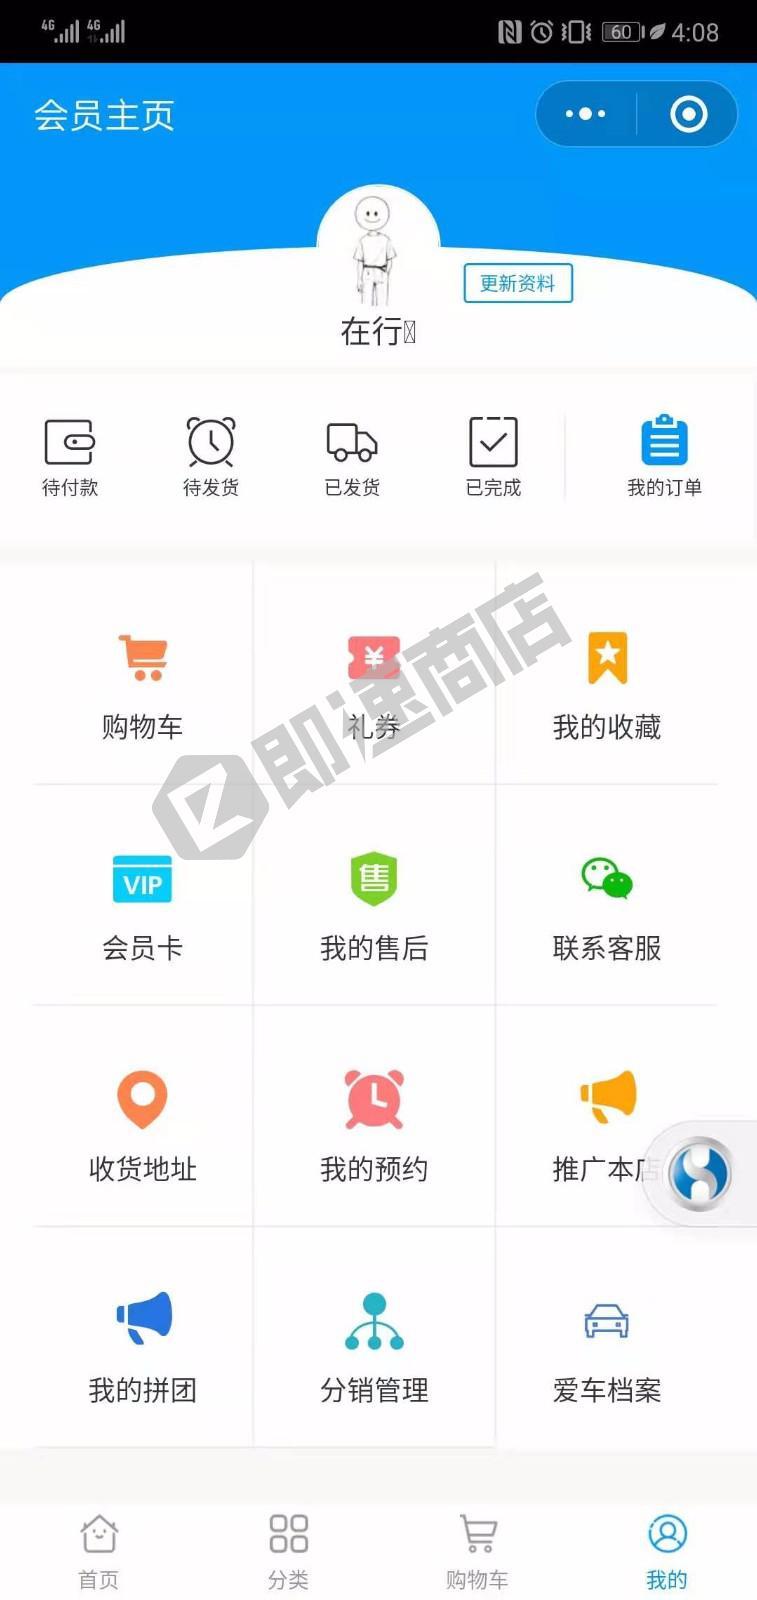 华胜豪车专修小程序列表页截图